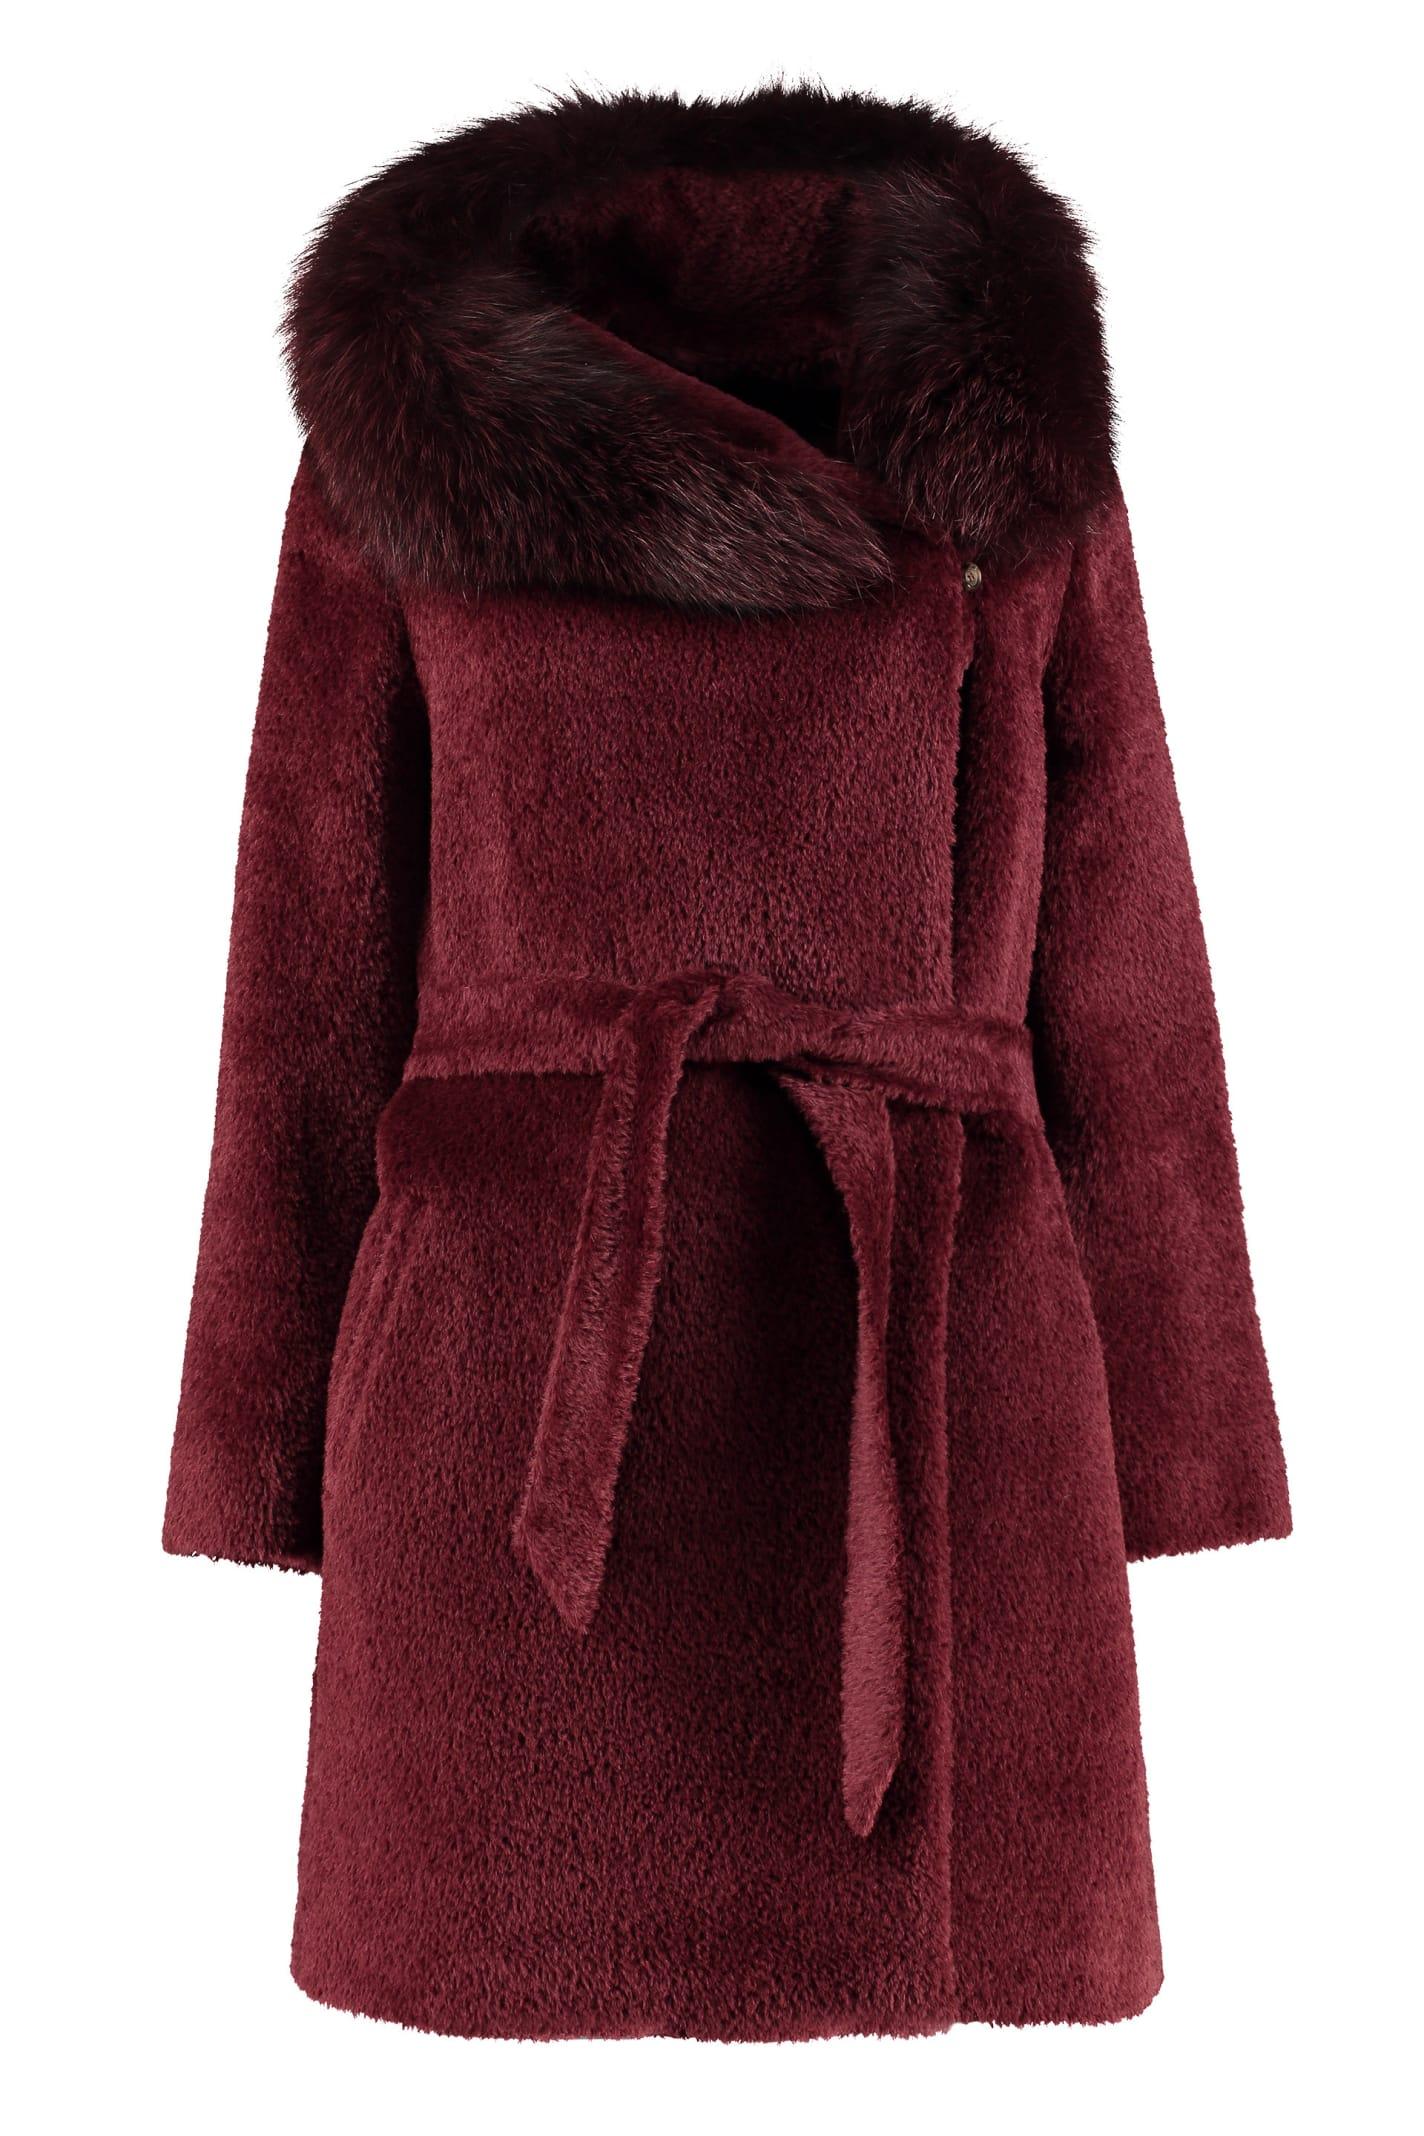 Max Mara Studio Osmio Hooded Alpaca-blend Coat